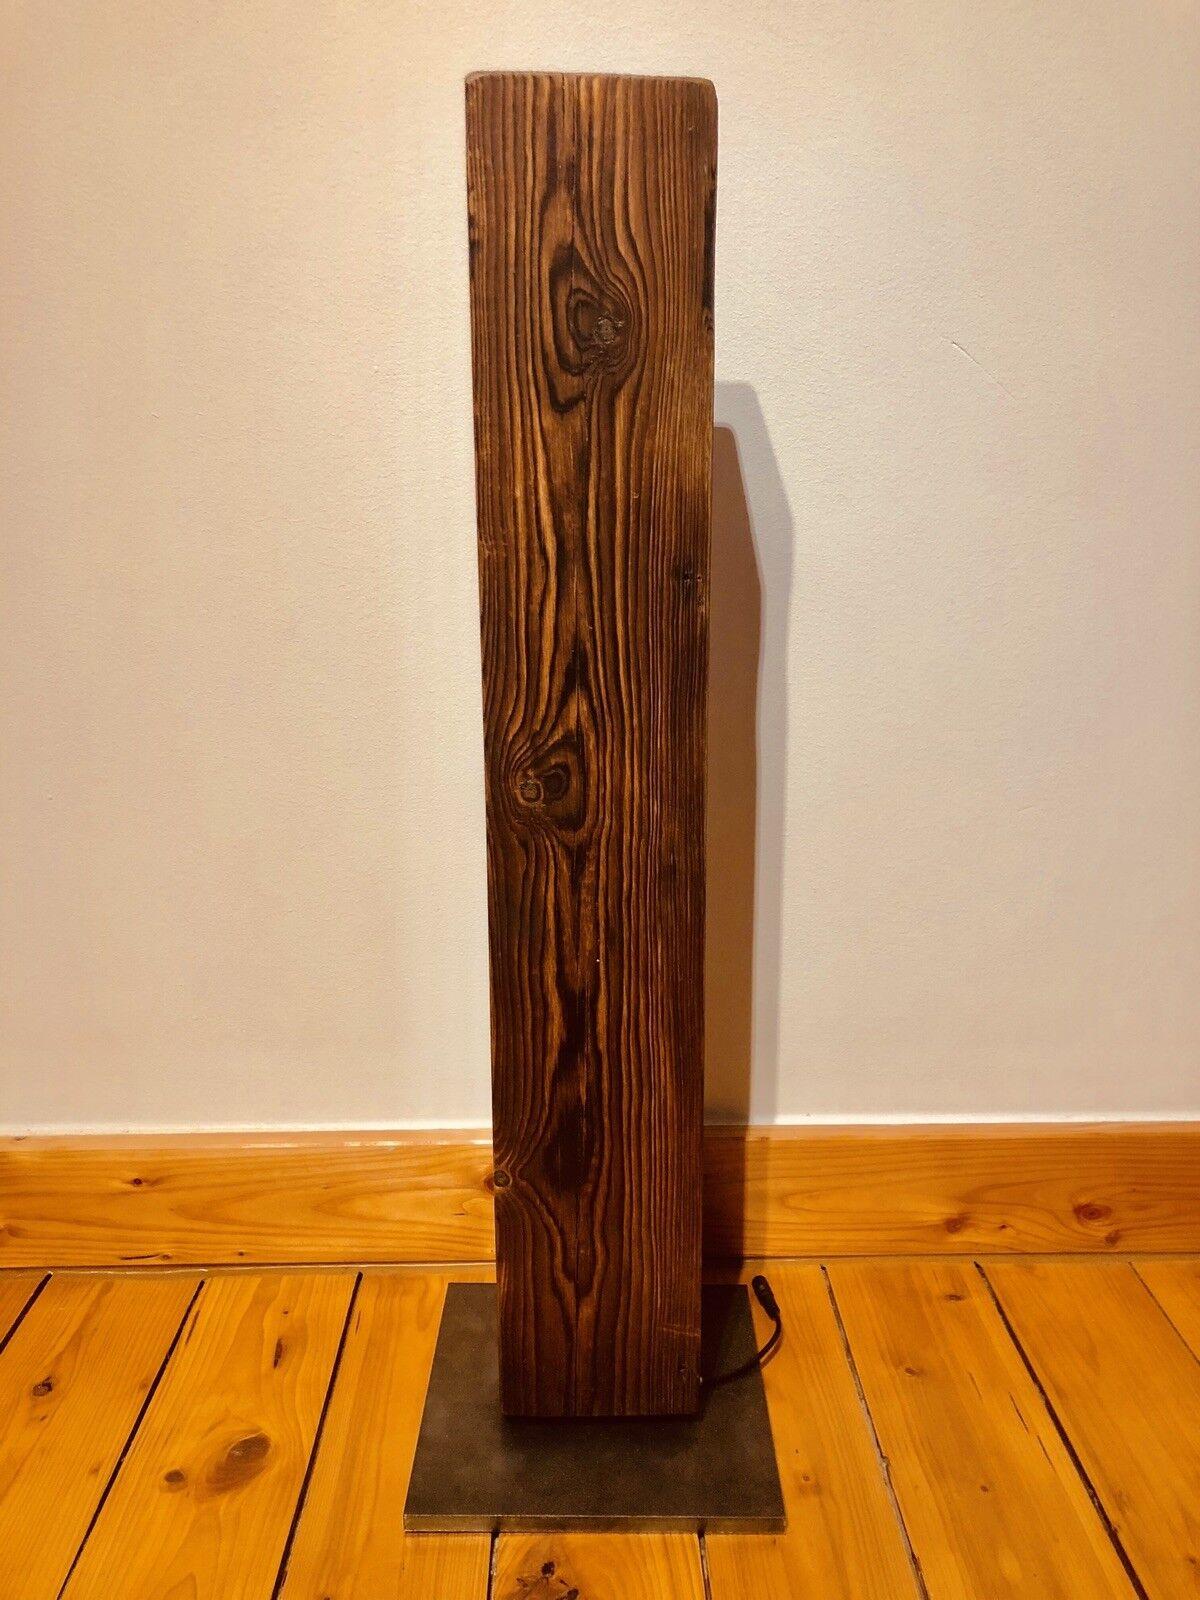 Lampadaire Lampe DEL Lampadaire Dekolampe vintage bois 70 70 70 cm   élégant  de6c3f